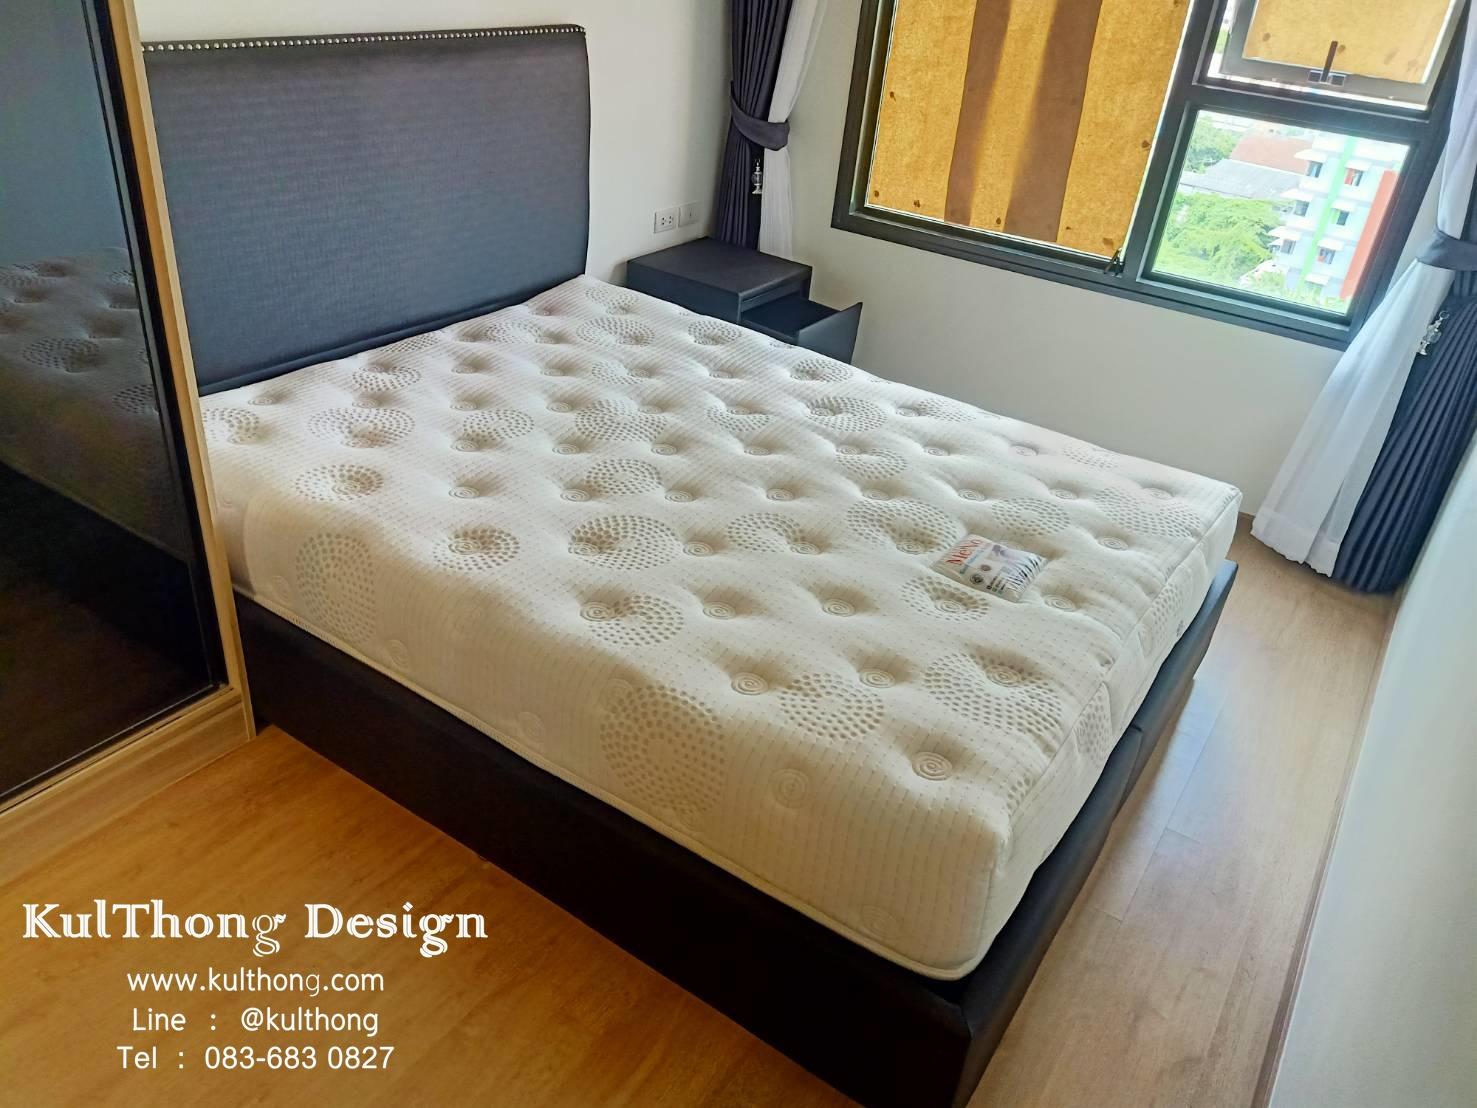 ฐานรองที่นอน เตียงหุ้มหนังตอกหมุด เตียงแบบมีหัวเตียง